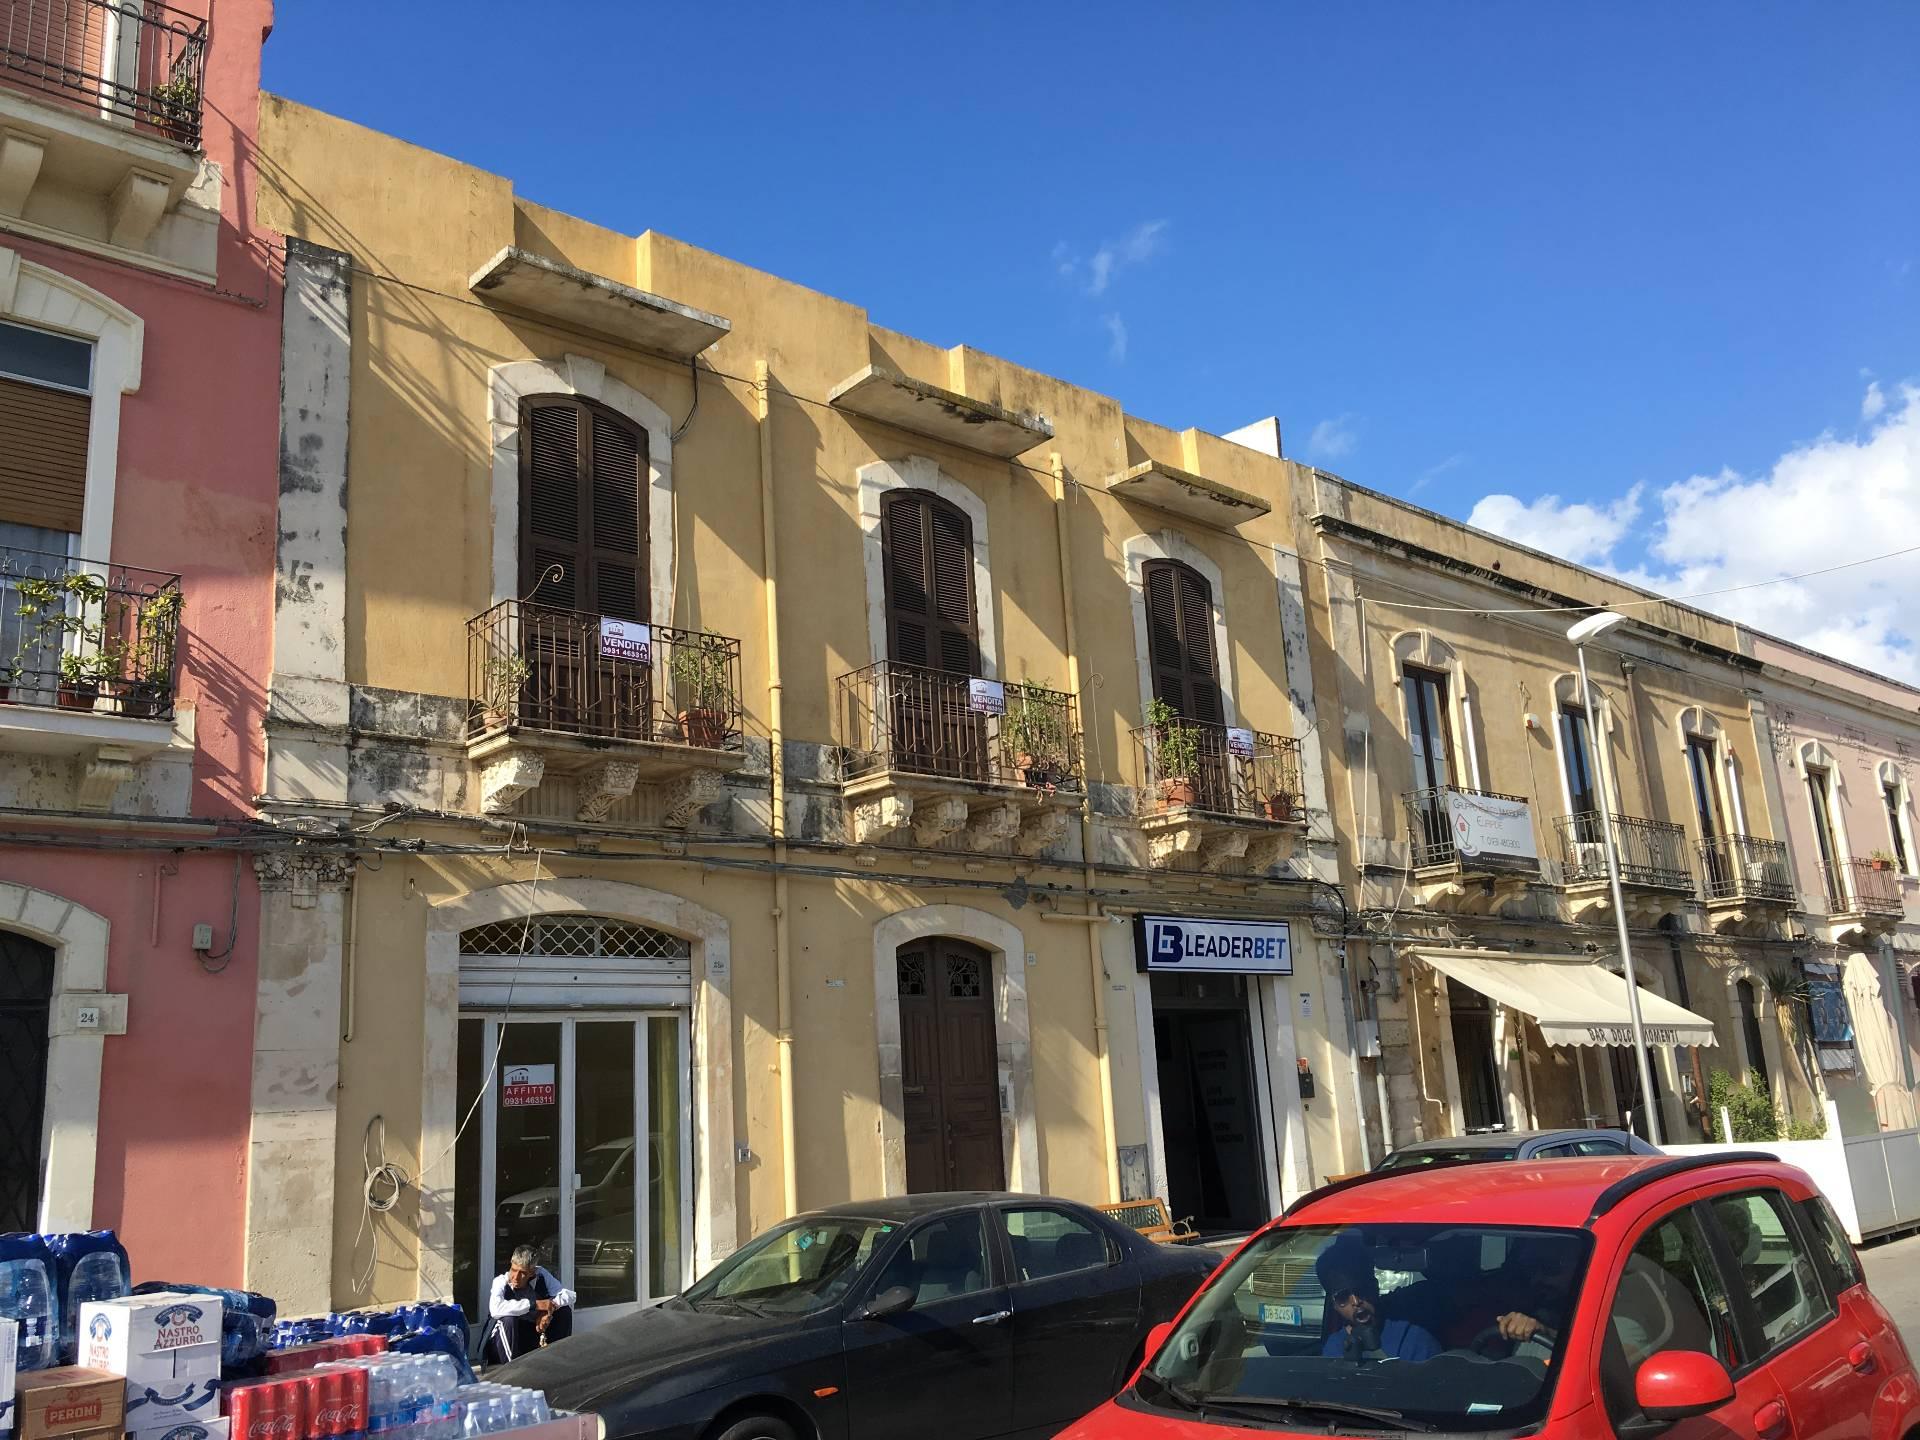 Soluzione Indipendente in vendita a Siracusa, 8 locali, zona Zona: Borgata, prezzo € 270.000   CambioCasa.it